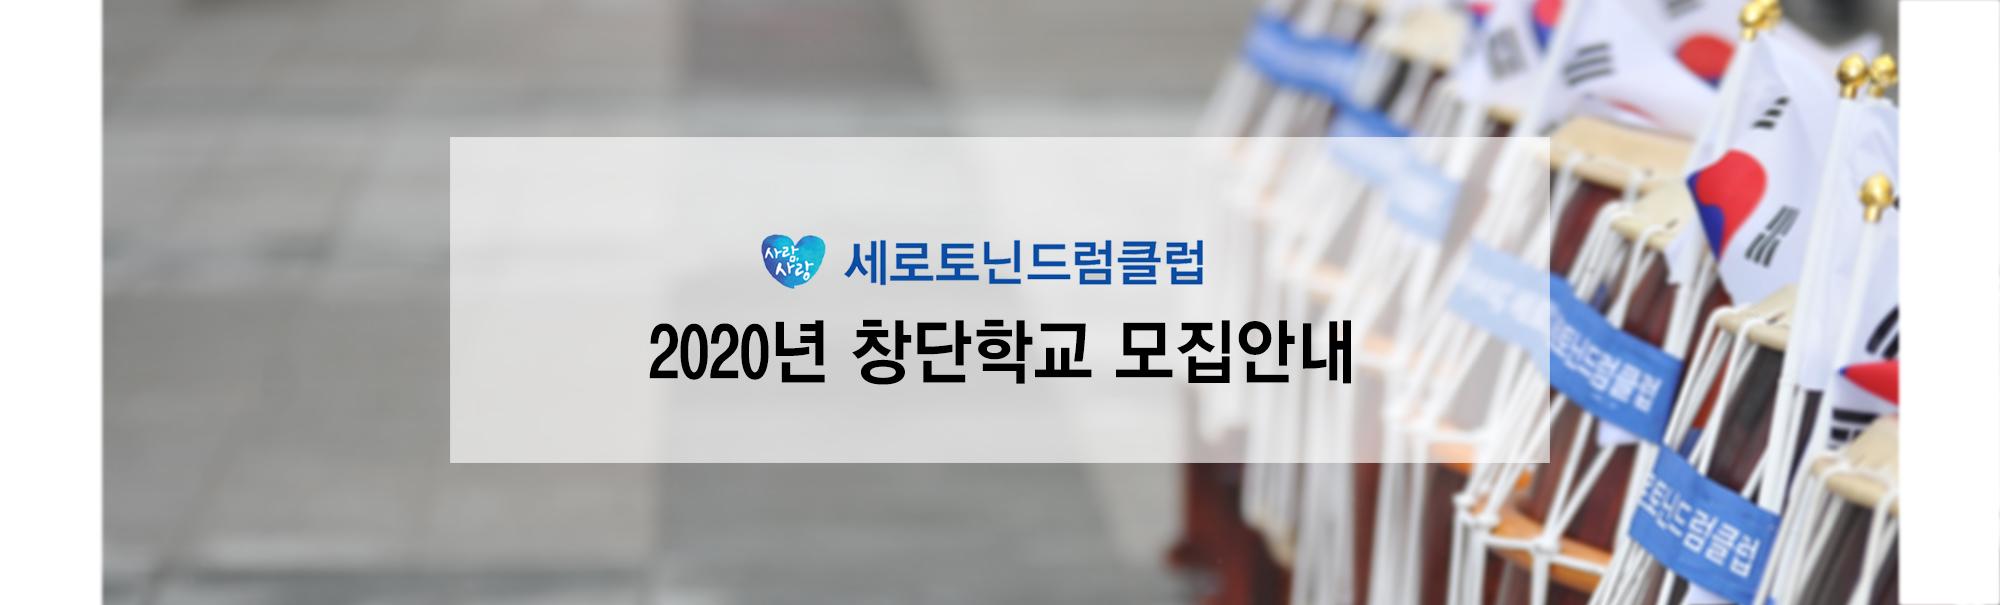 드럼클럽공모_2020